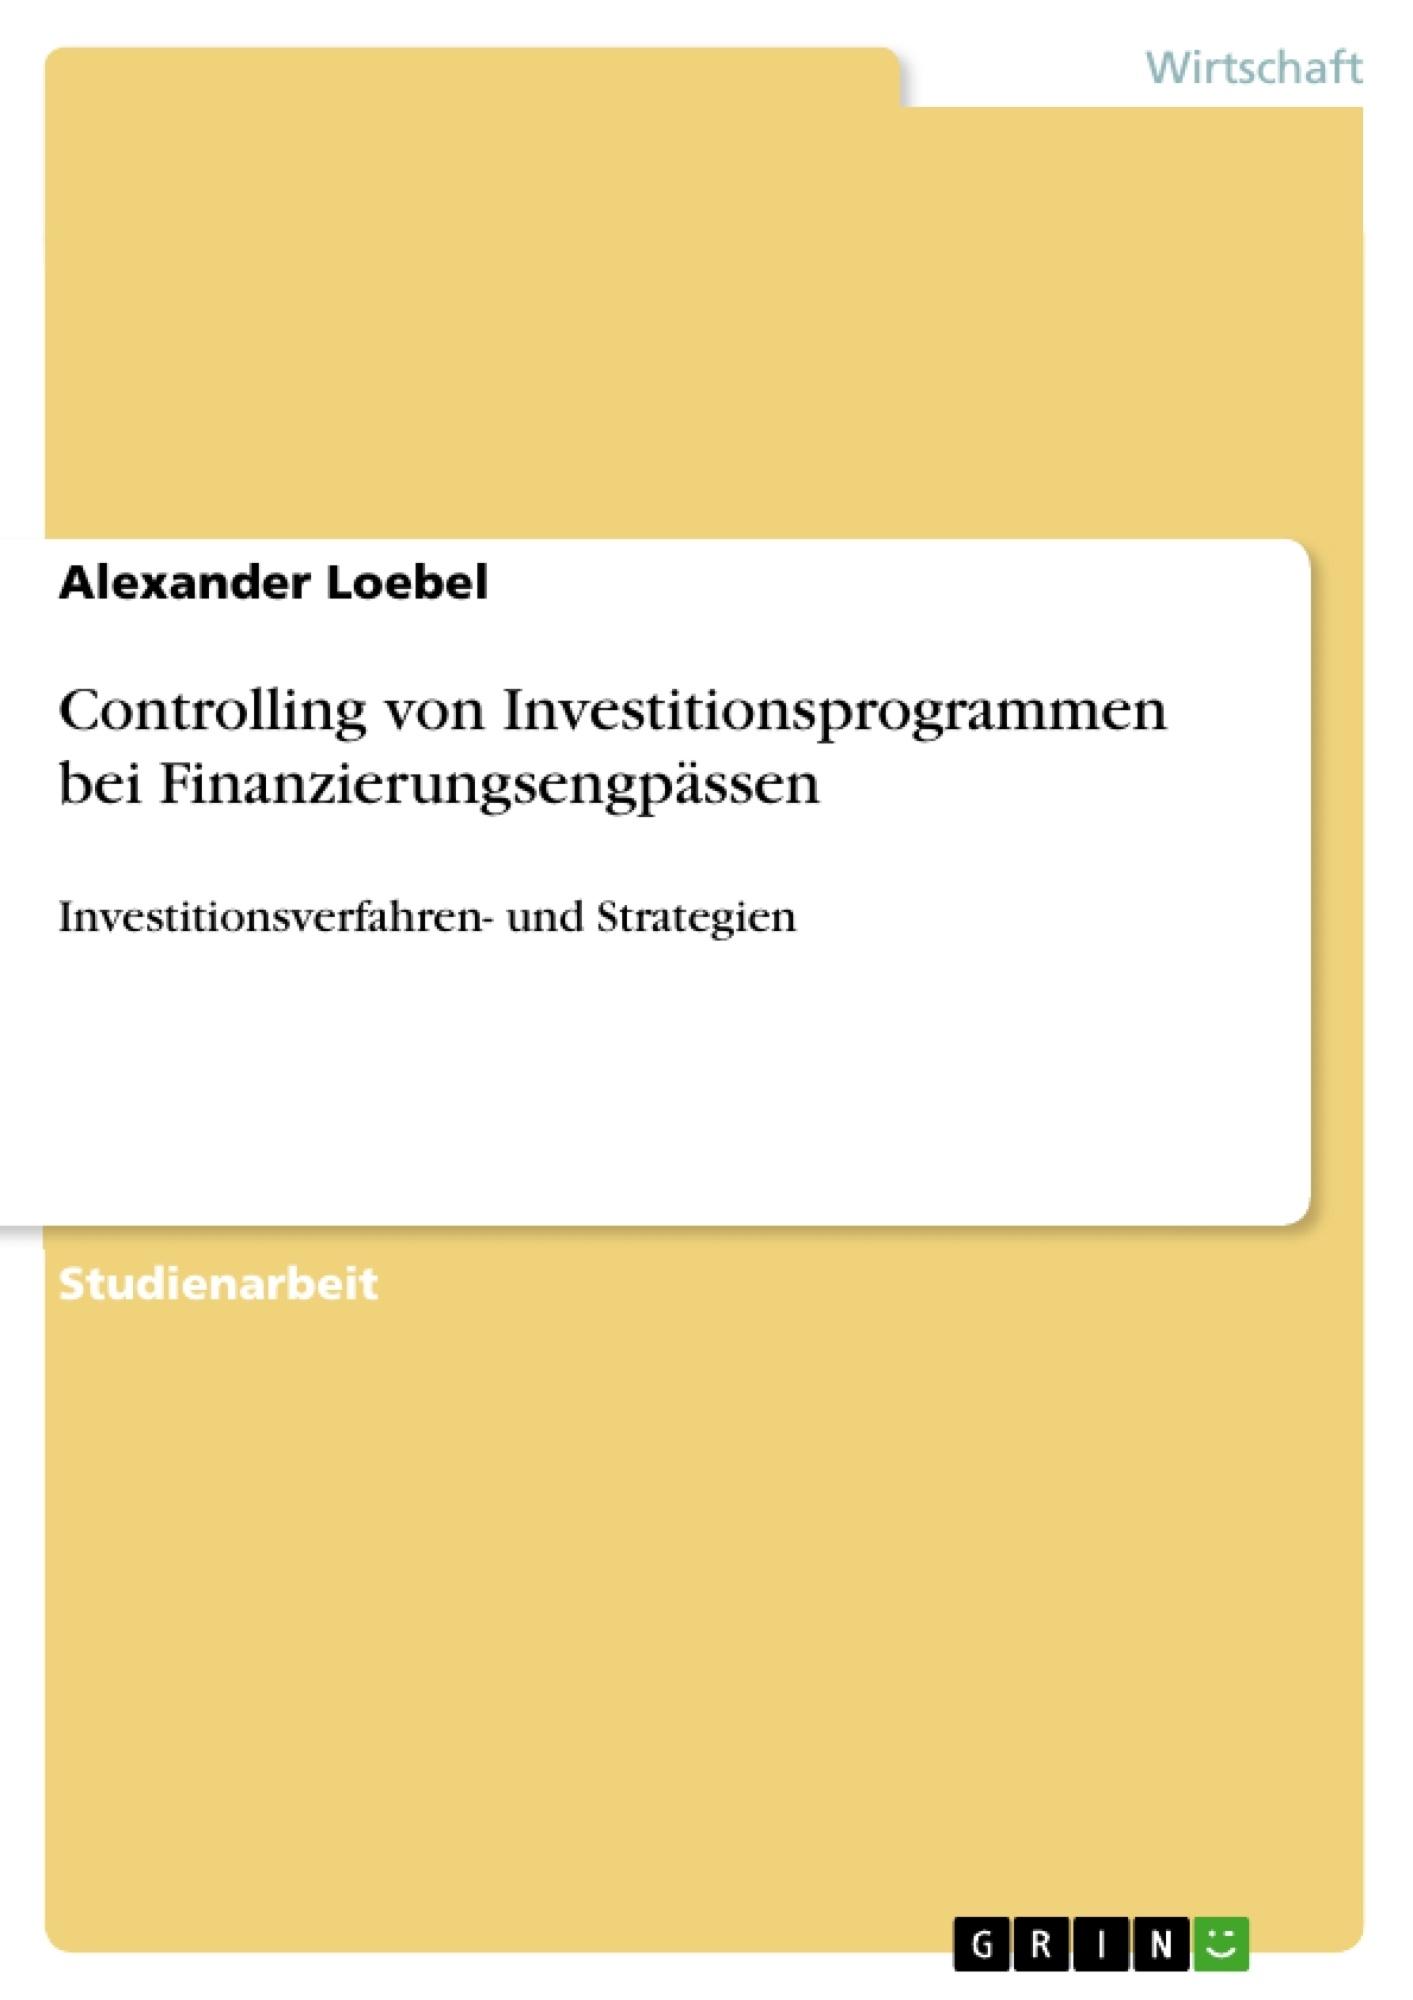 Titel: Controlling von Investitionsprogrammen bei Finanzierungsengpässen